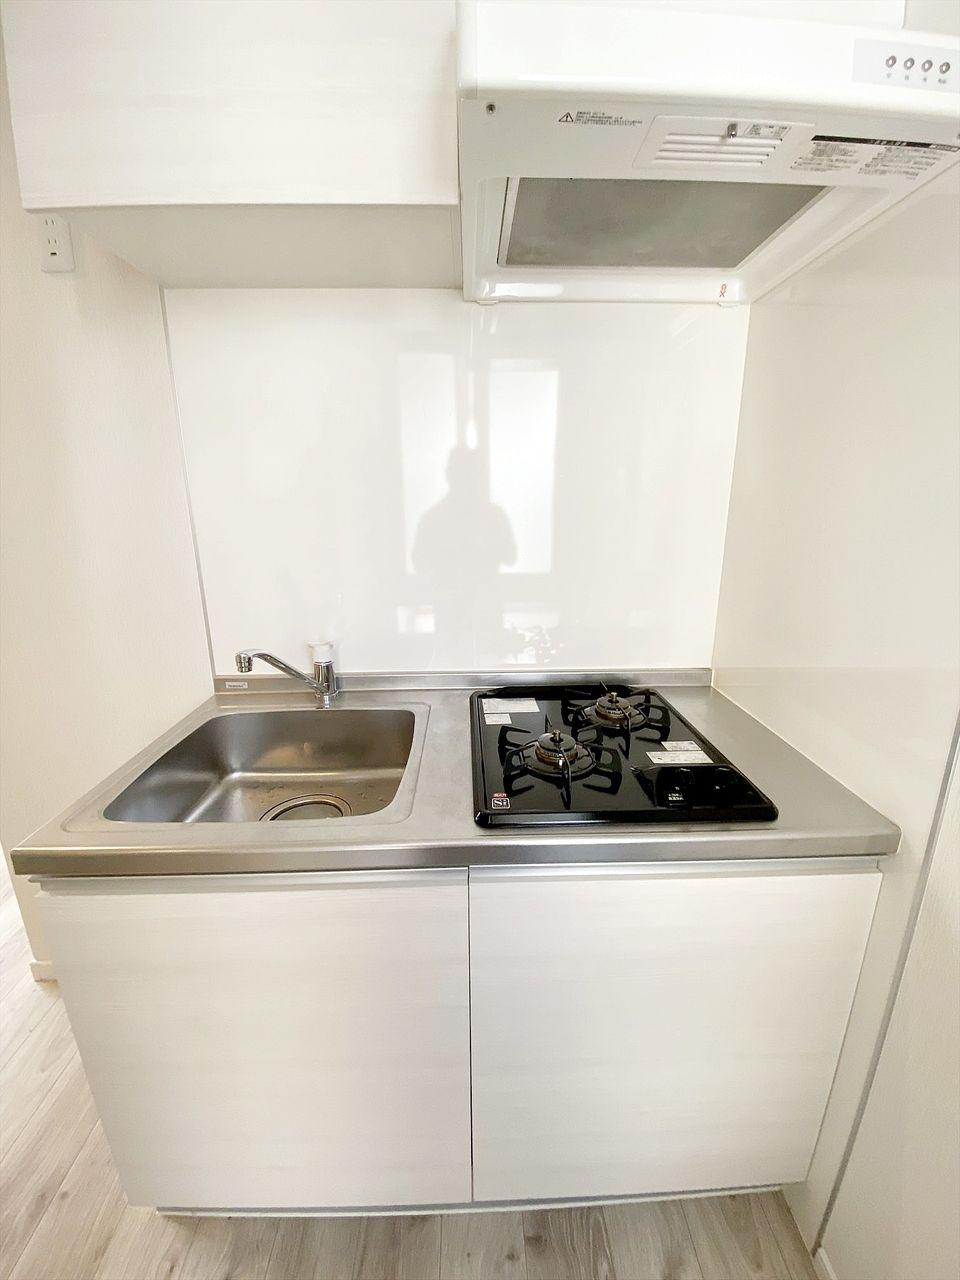 豊島区千早の賃貸マンション オーレ池袋西 キッチンはガスコンロ2口です